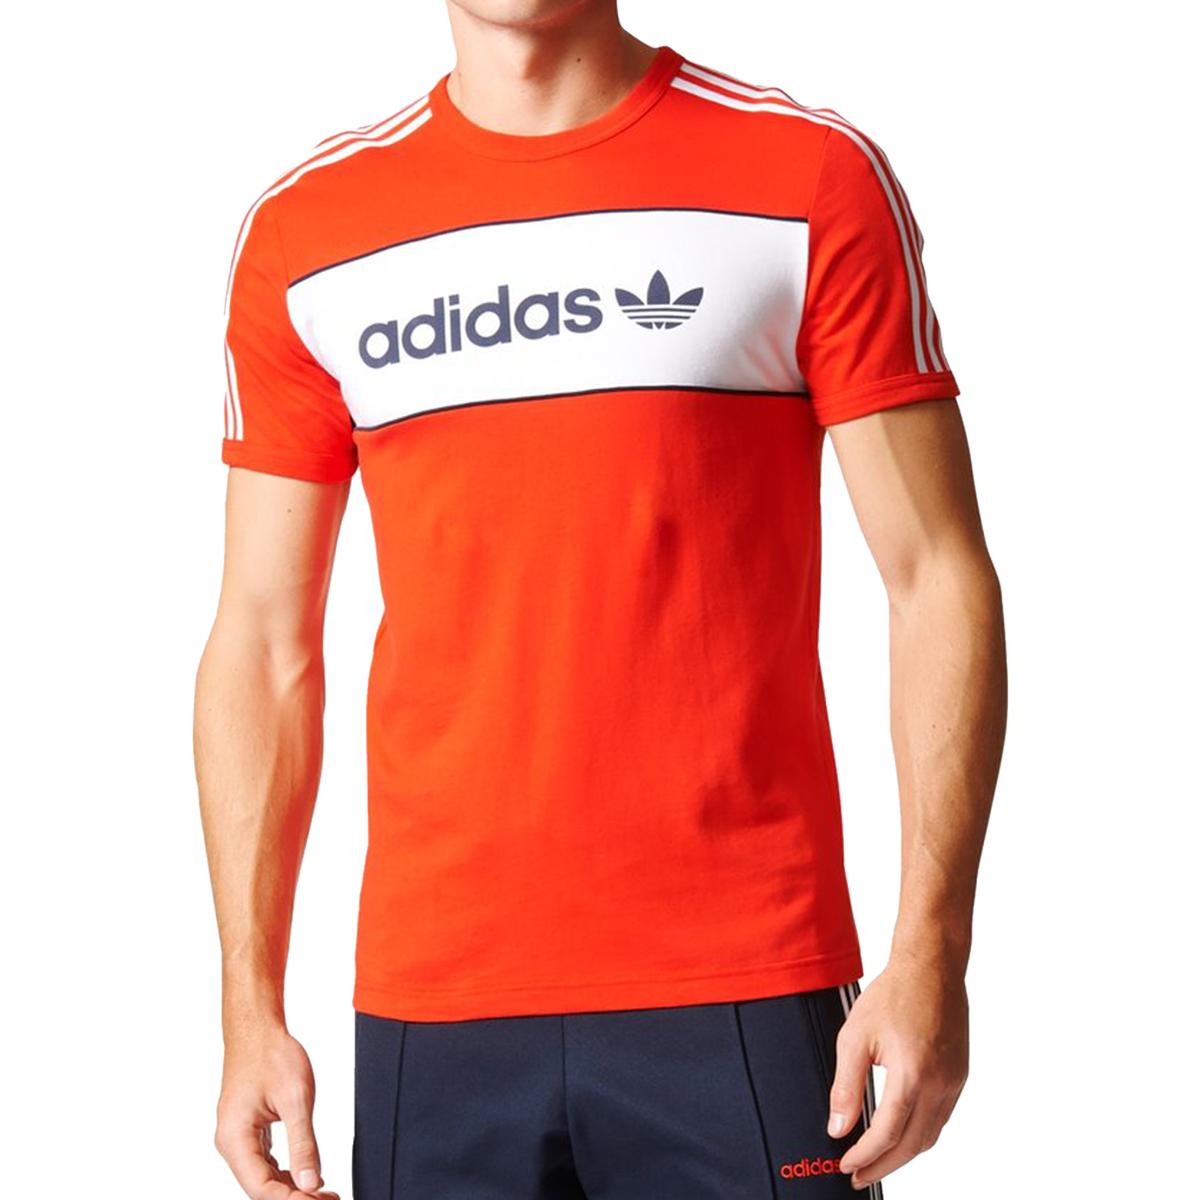 adidas originals アディダス オリジナルス Tシャツ bk7783